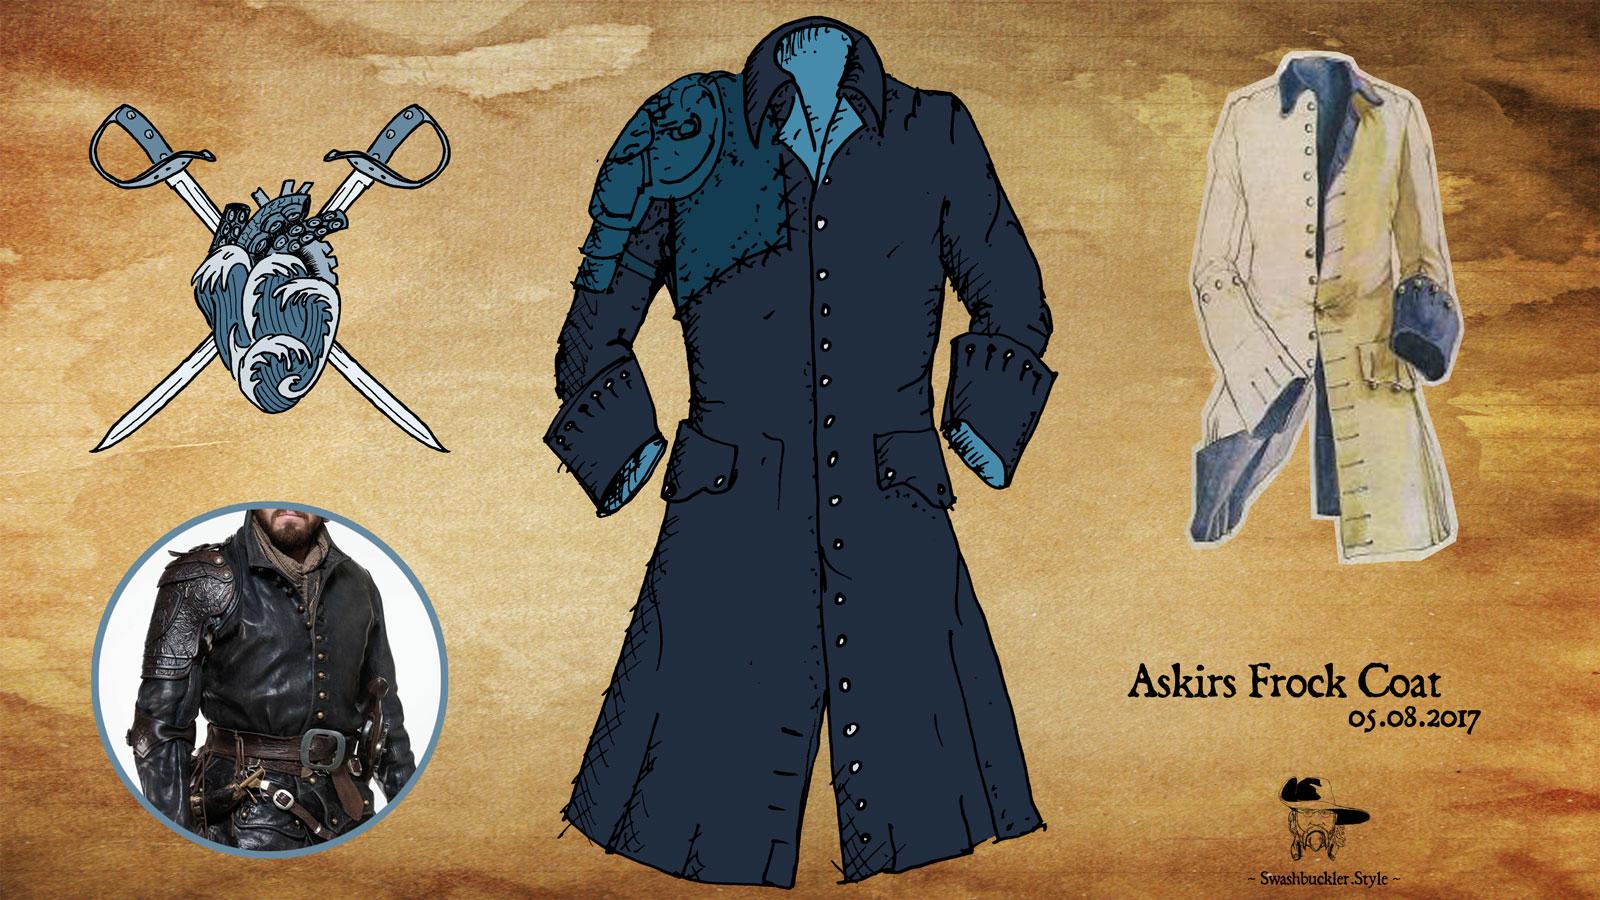 Ein Frock Coat Für Askir #3